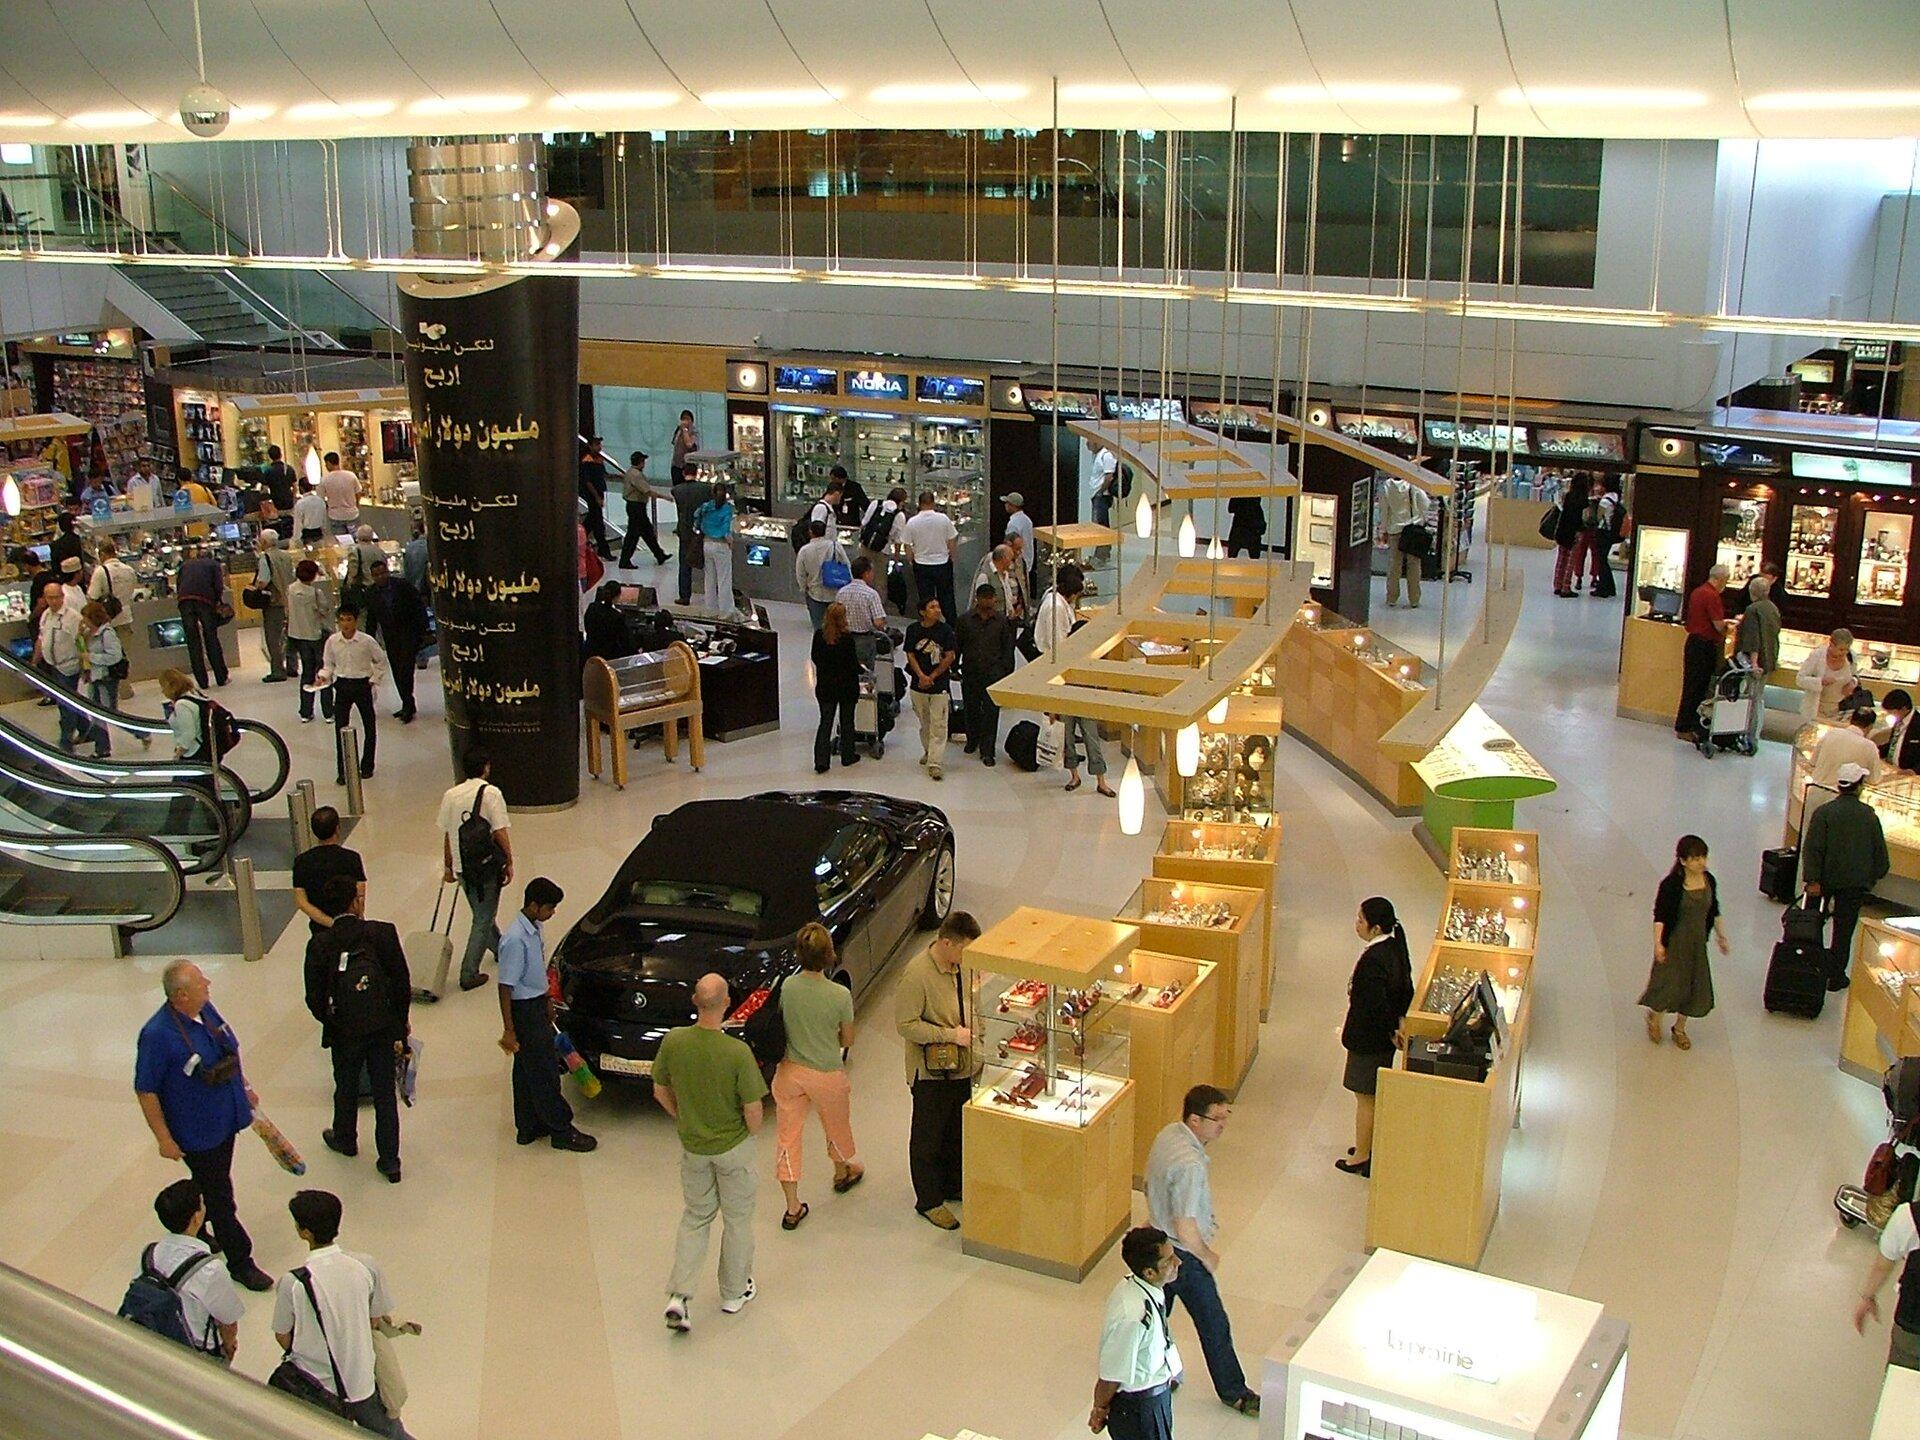 Na zdjęciu nowoczesna galeria handlowa, witryny sklepowe, stoiska, ruchome schody, klienci.